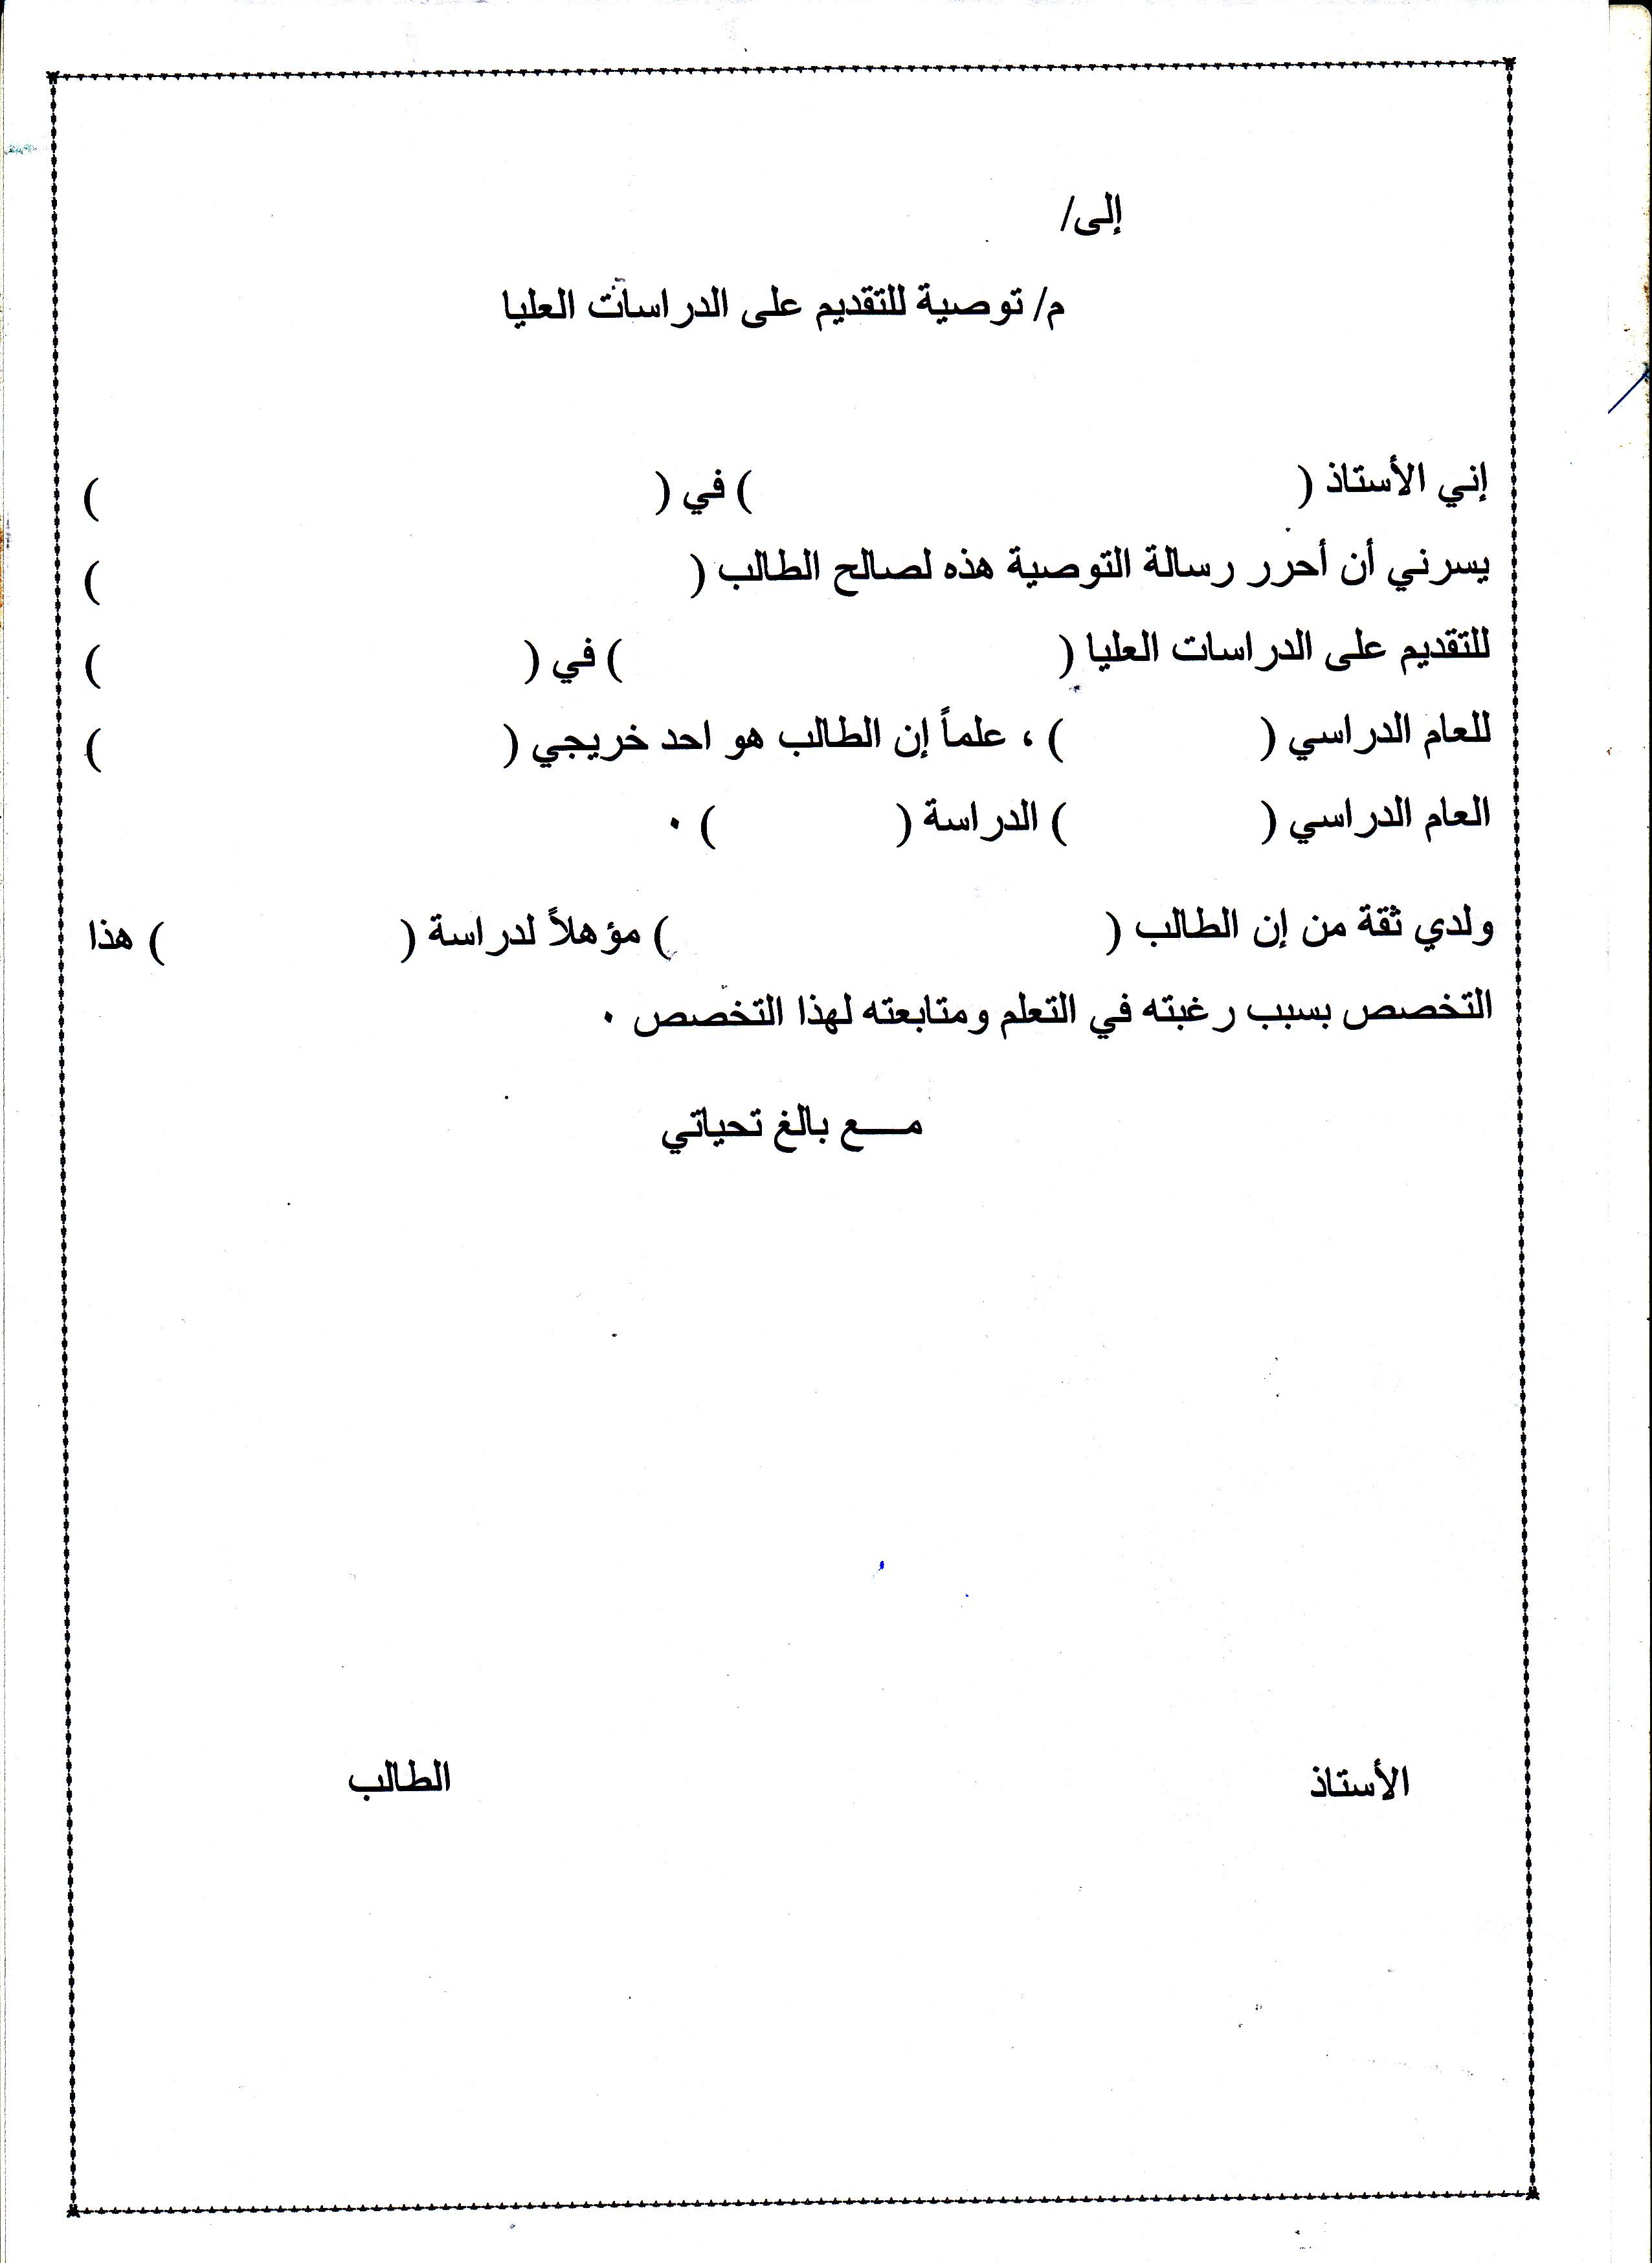 توصية للتقديم على الدراسات العليا كلية الادارة والاقتصاد جامعة كربلاء